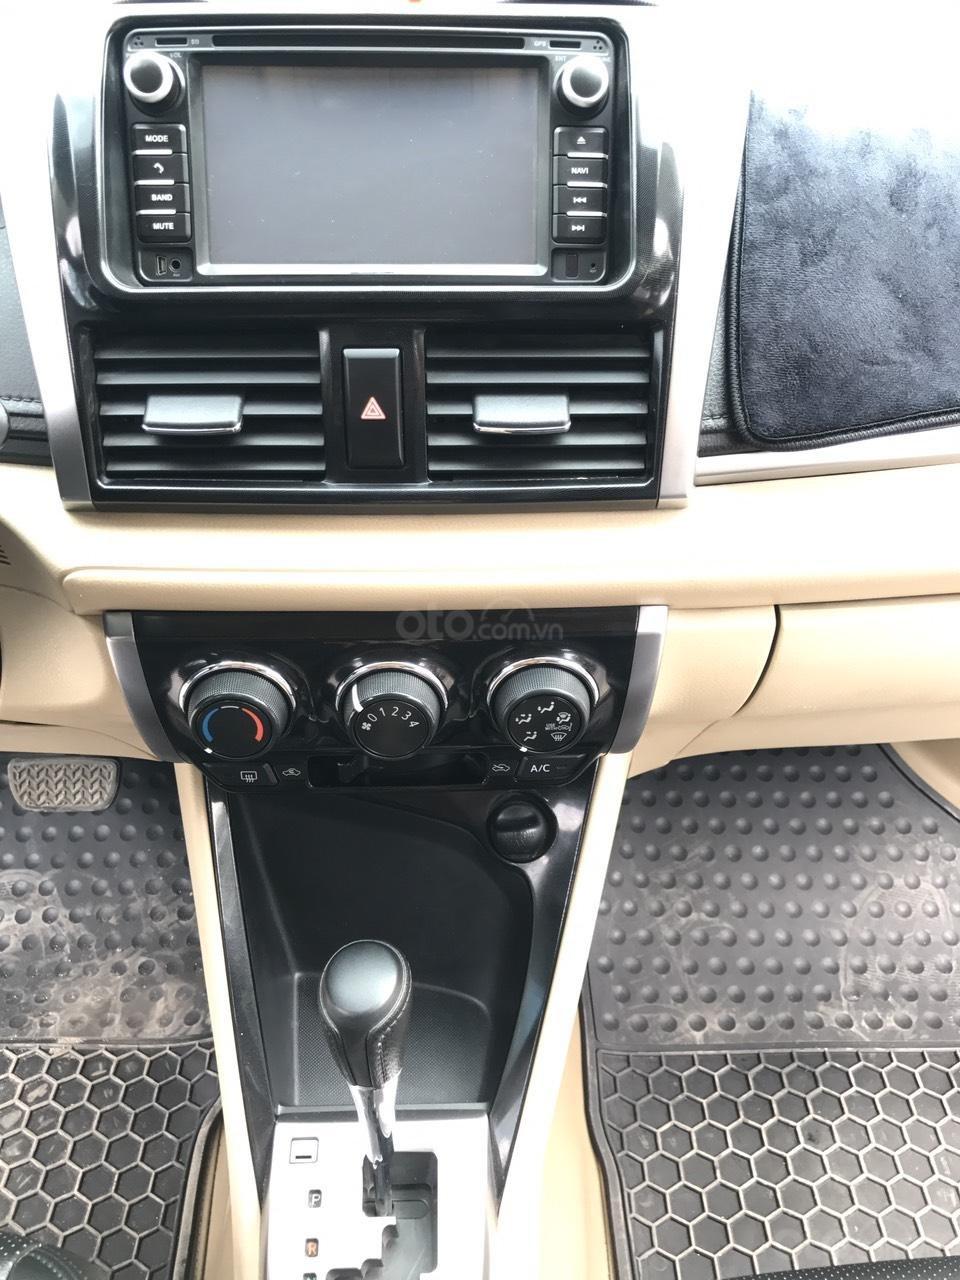 Bán xe Toyota Vios 1.5E CVT 2017, màu bạc, 1 chủ không lỗi nhỏ, xe mới cứng (19)